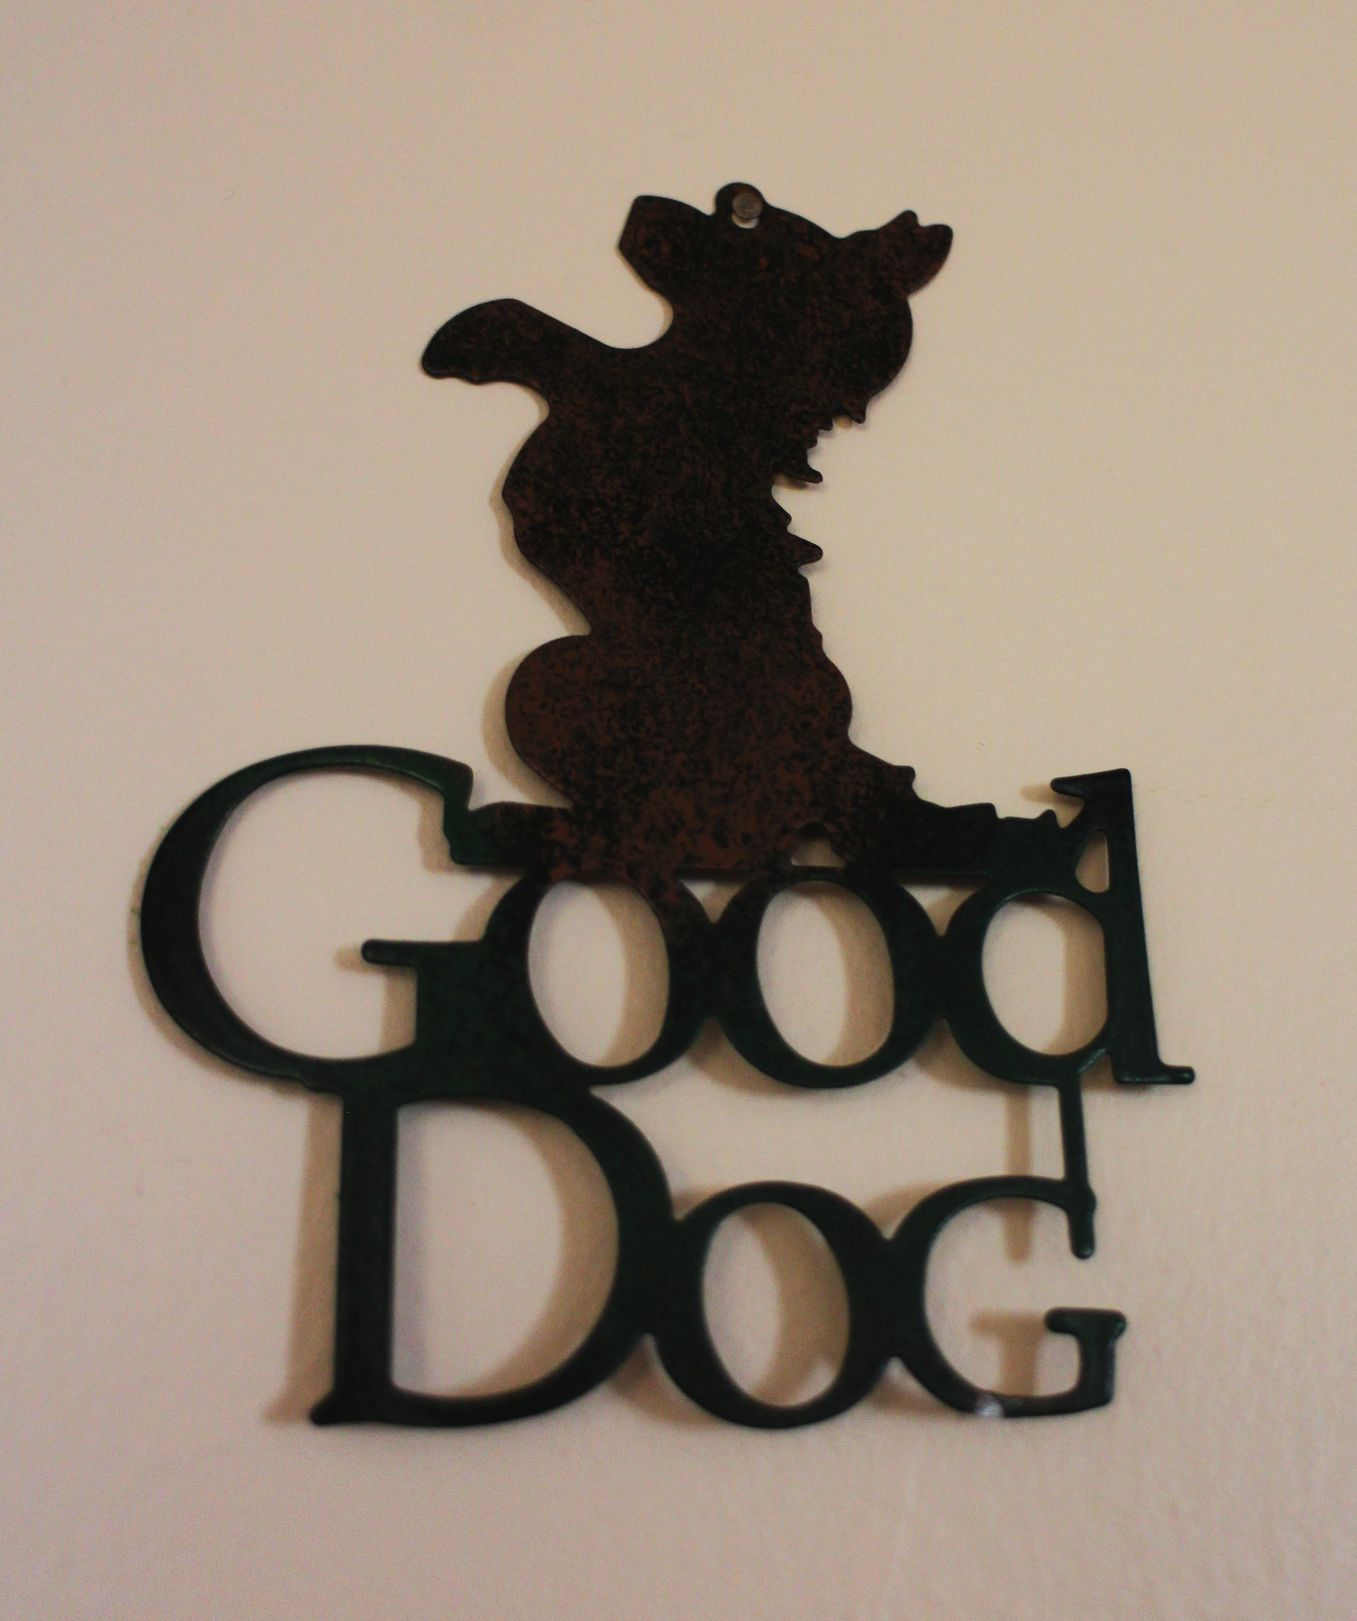 Where good dogs go